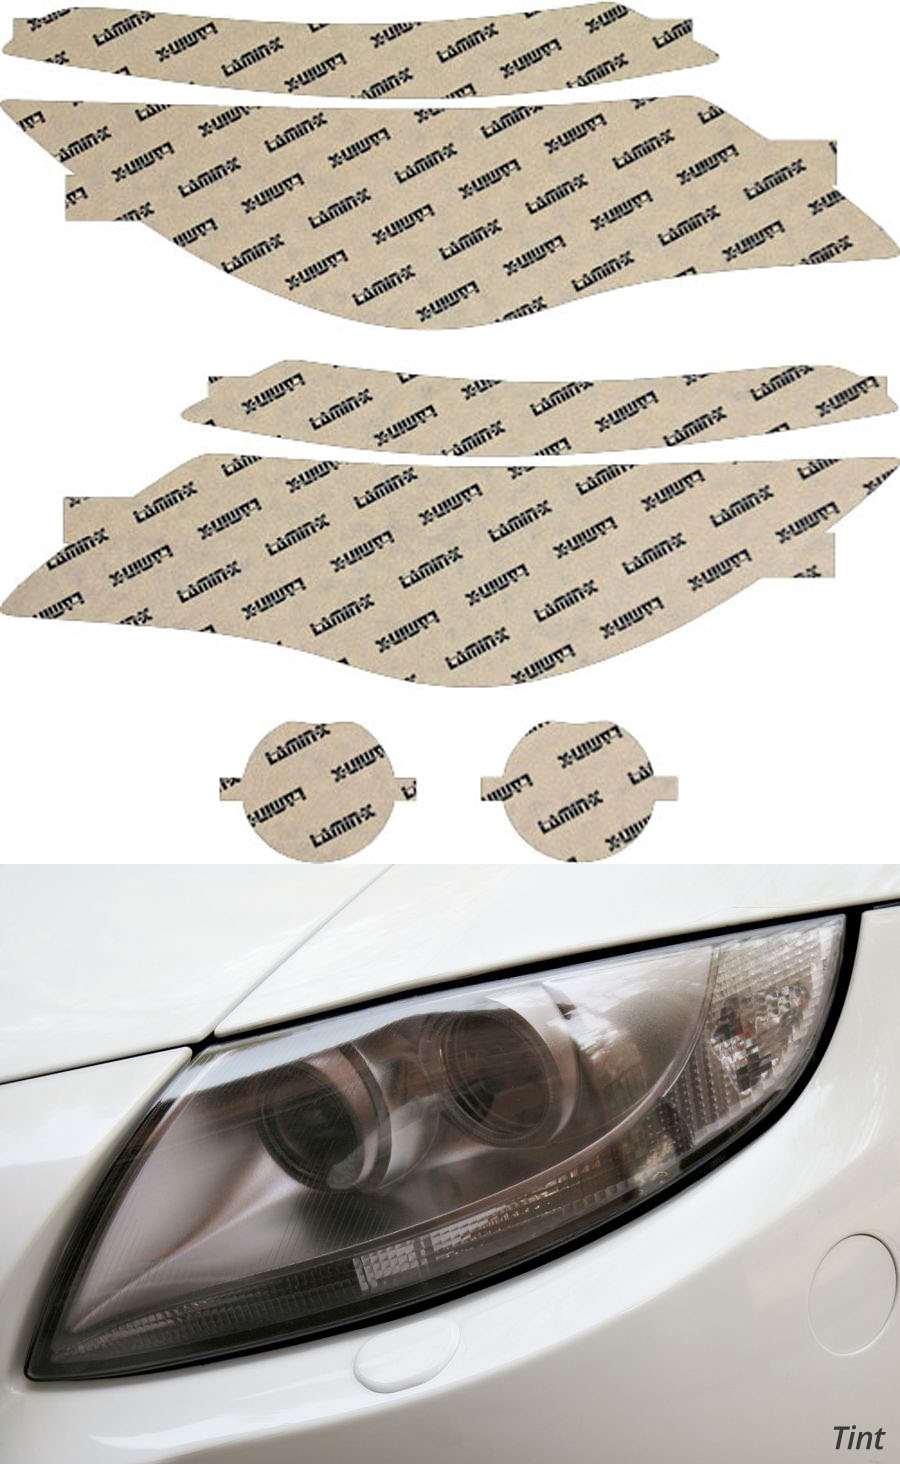 BMW 6-Series 04-07 Tint Headlight Covers Lamin-X B016T